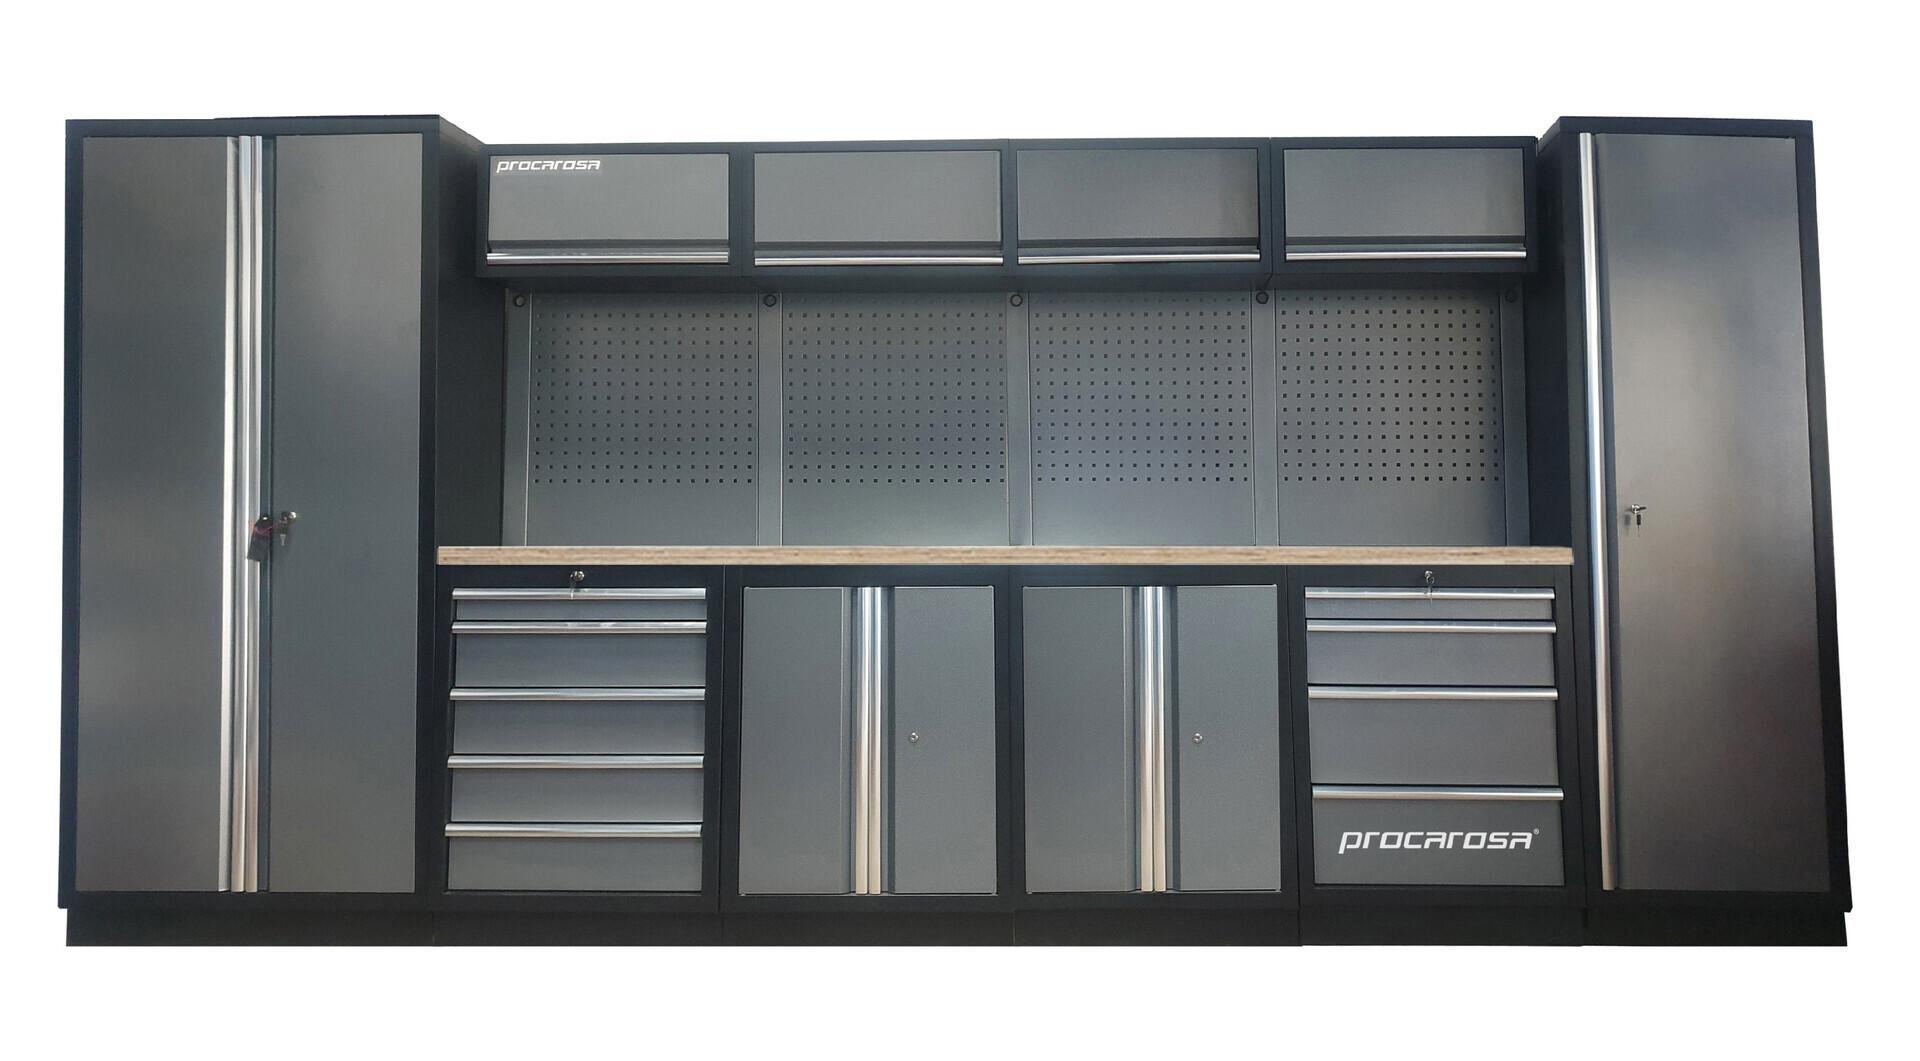 Sestava dílenského nábytku Procarosa PROFESSIONAL XL-3 Pracovní deska: dřevěná, Hmotnost: